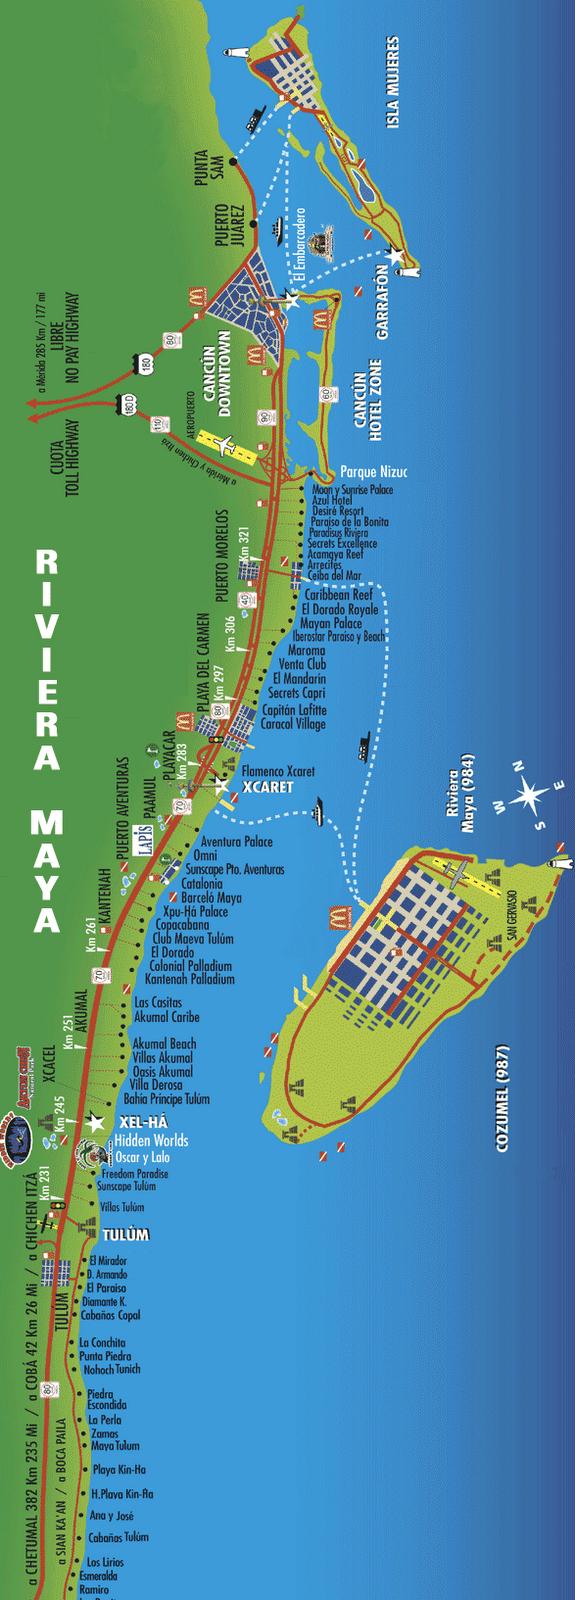 Map of Riviera Maya Things to do in Riviera Maya  Mexico